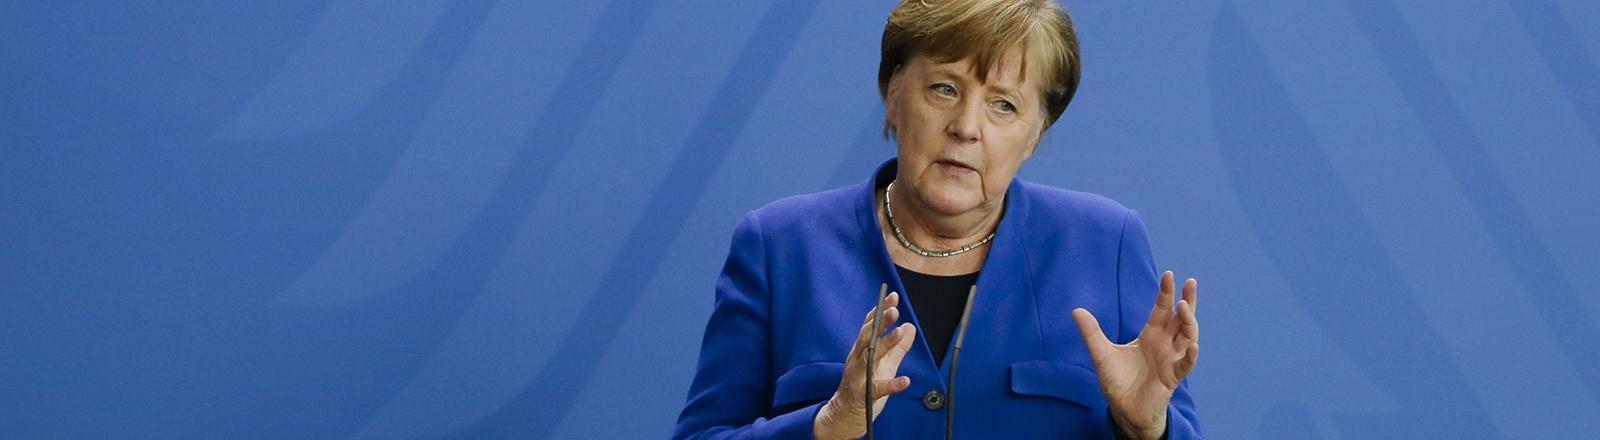 20.04.2020, Berlin: Bundeskanzlerin Angela Merkel (CDU) gibt im Bundeskanzleramt eine Pressekonferenz zu Maßnahmen, die eine weitere Ausbreitung des Coronavirus verlangsamen sollen.